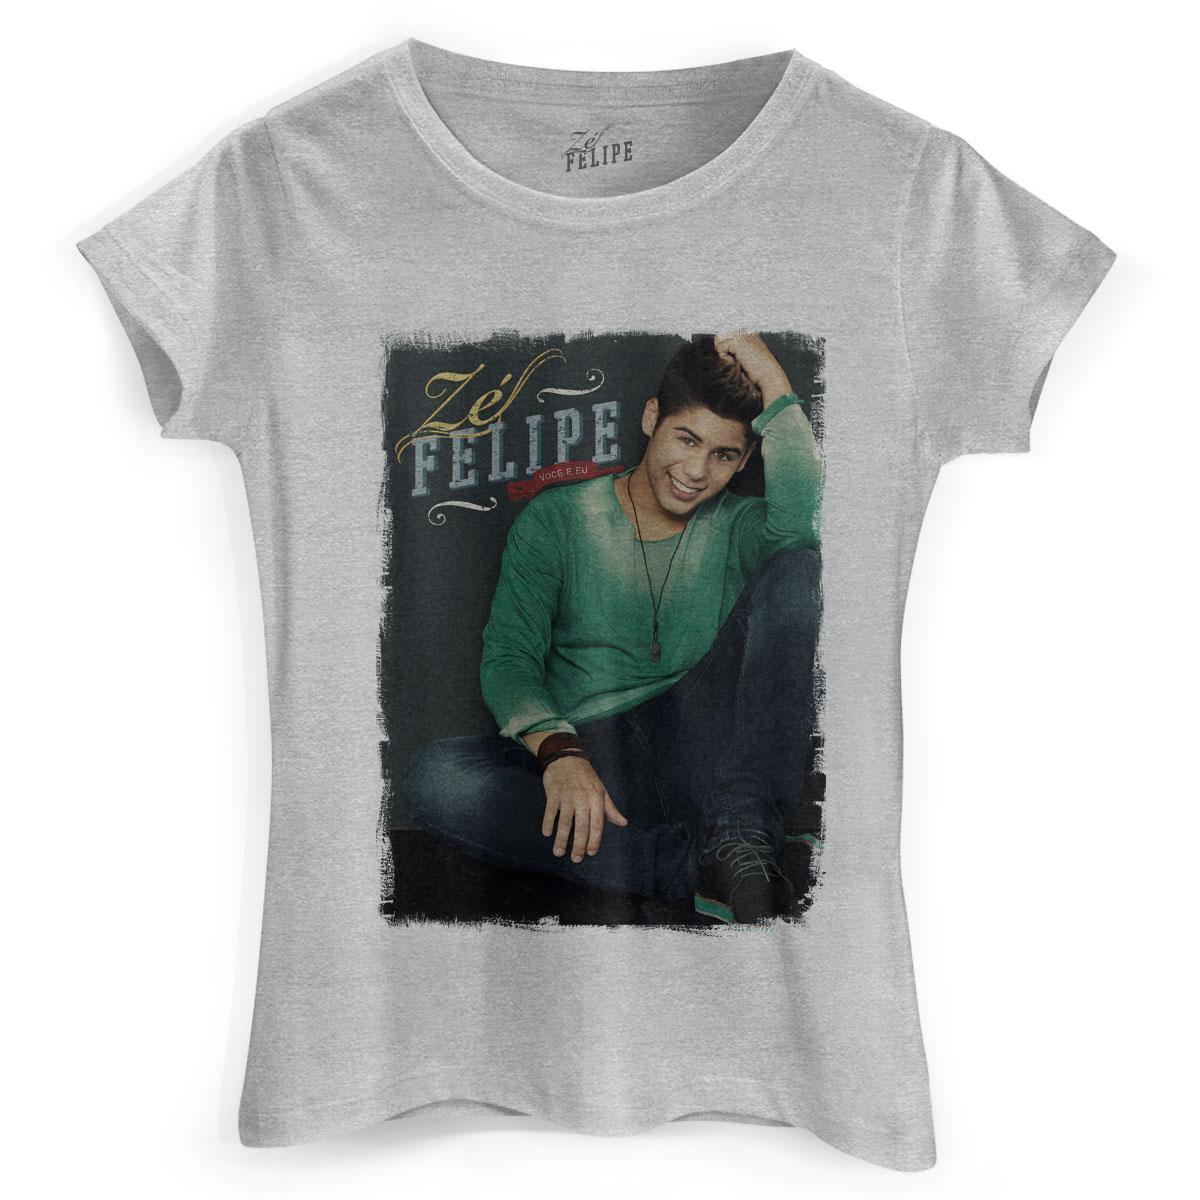 Combo CD AUTOGRAFADO Zé Felipe Você e Eu + Camiseta Feminina